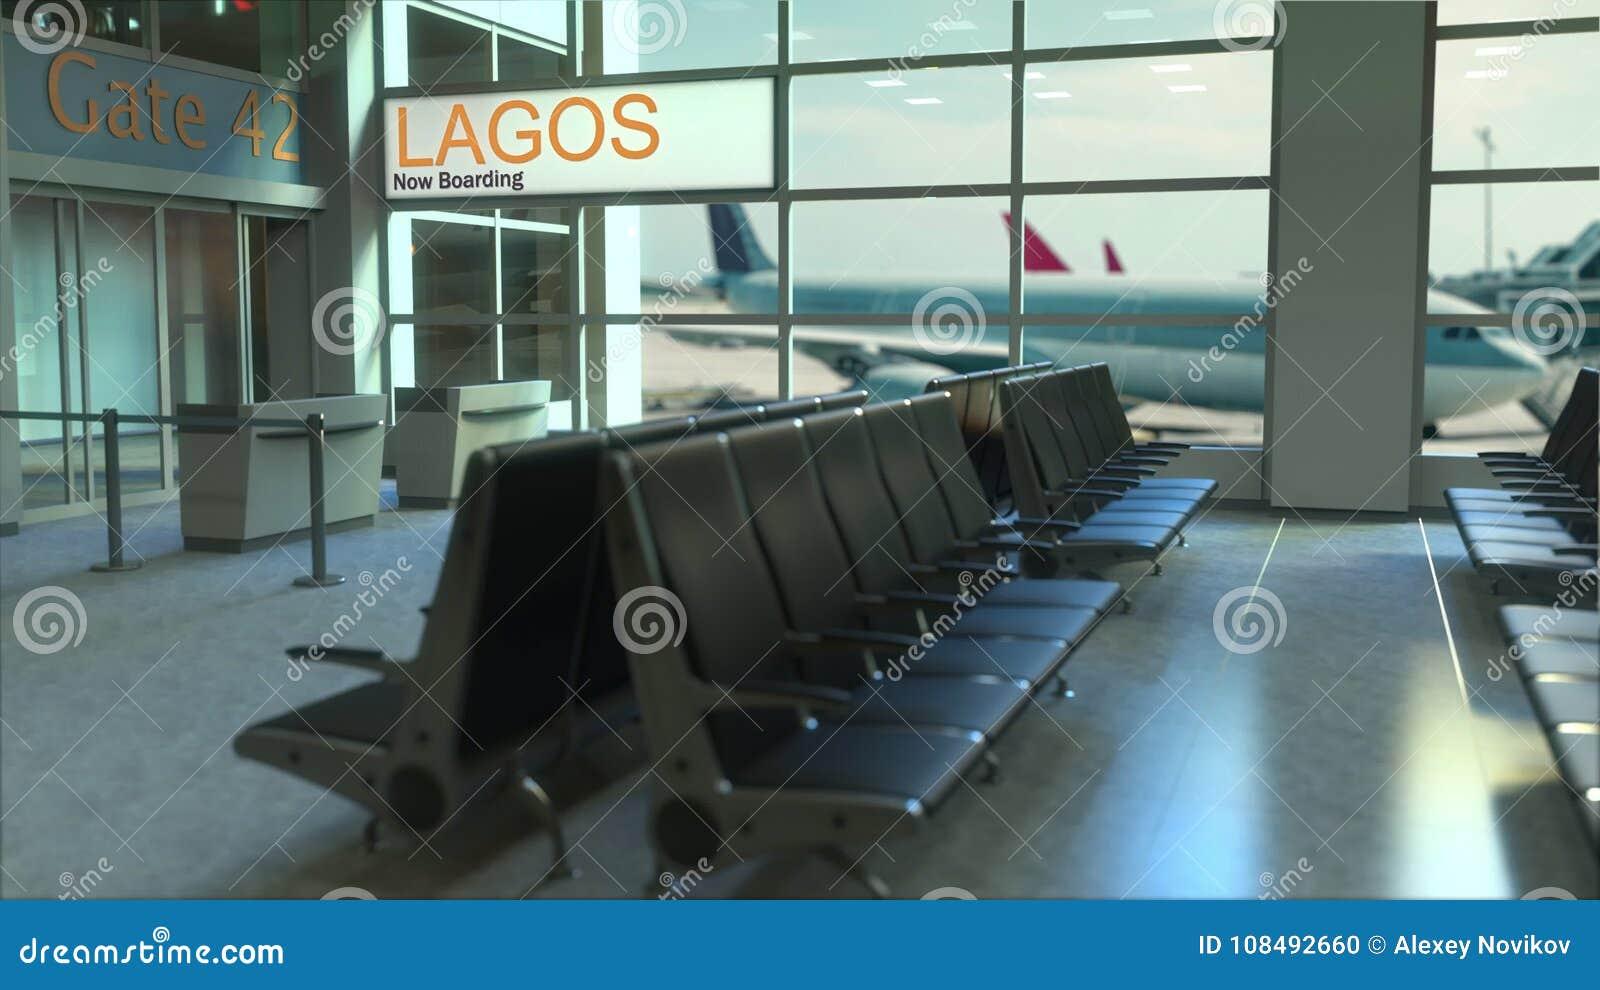 Volo Di Lagos Ora Che Imbarca Nel Terminale Di Aeroporto Viaggiando  All animazione Concettuale Di Introduzione Della Nigeria f28ae8600c8bf